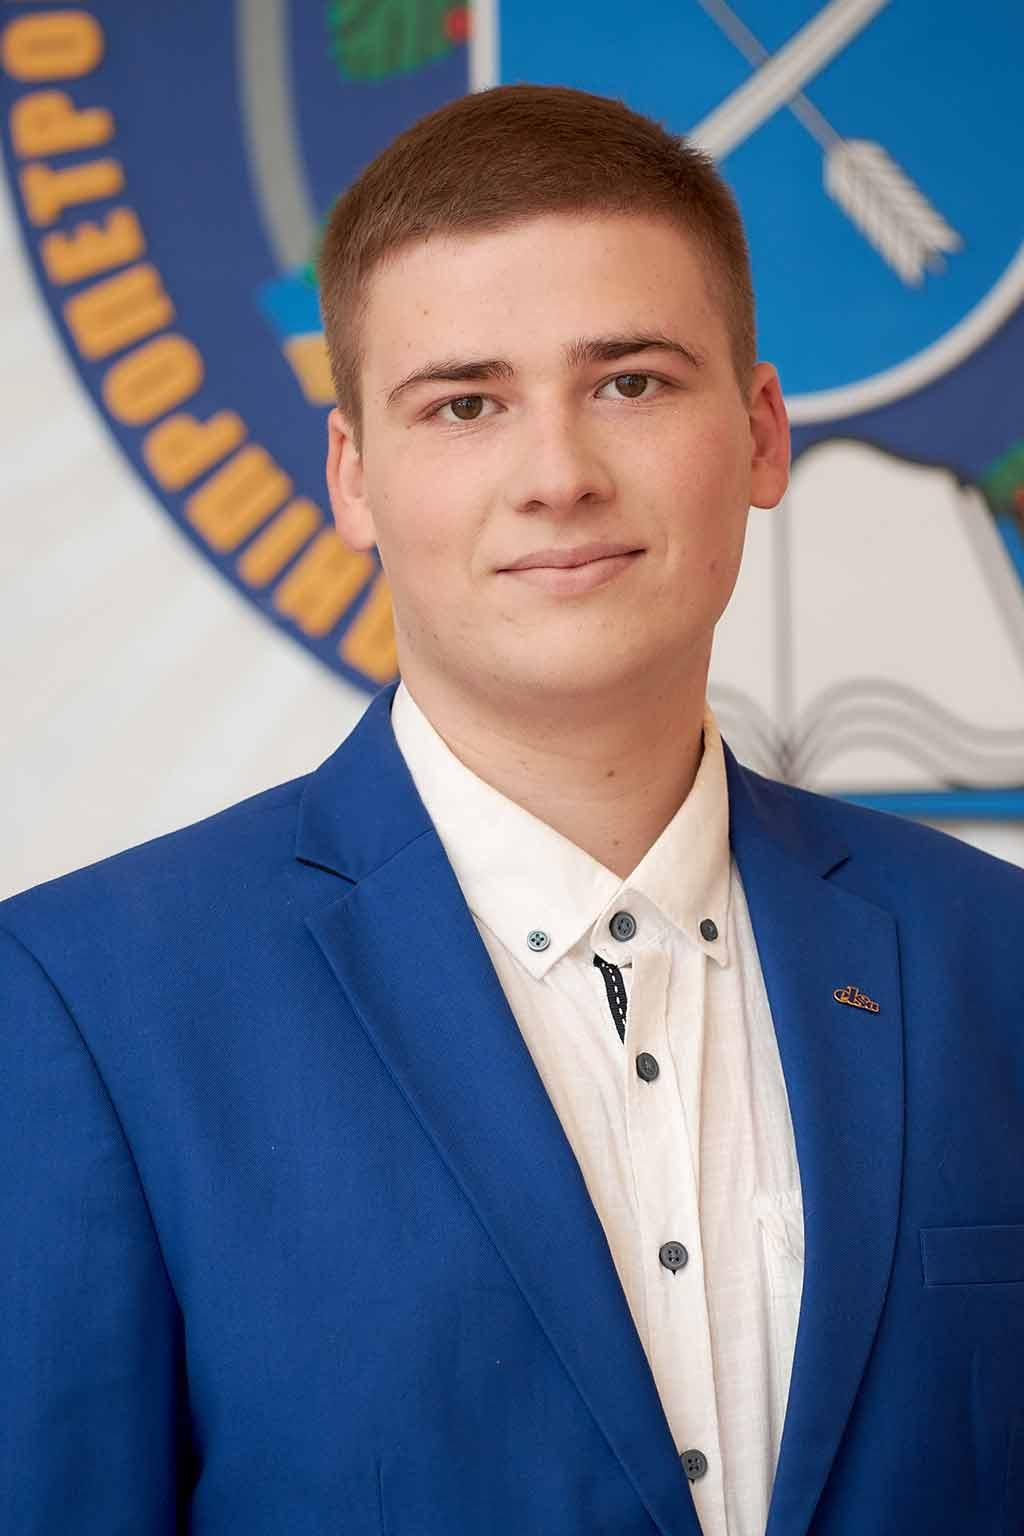 Жук Андрій Денисович